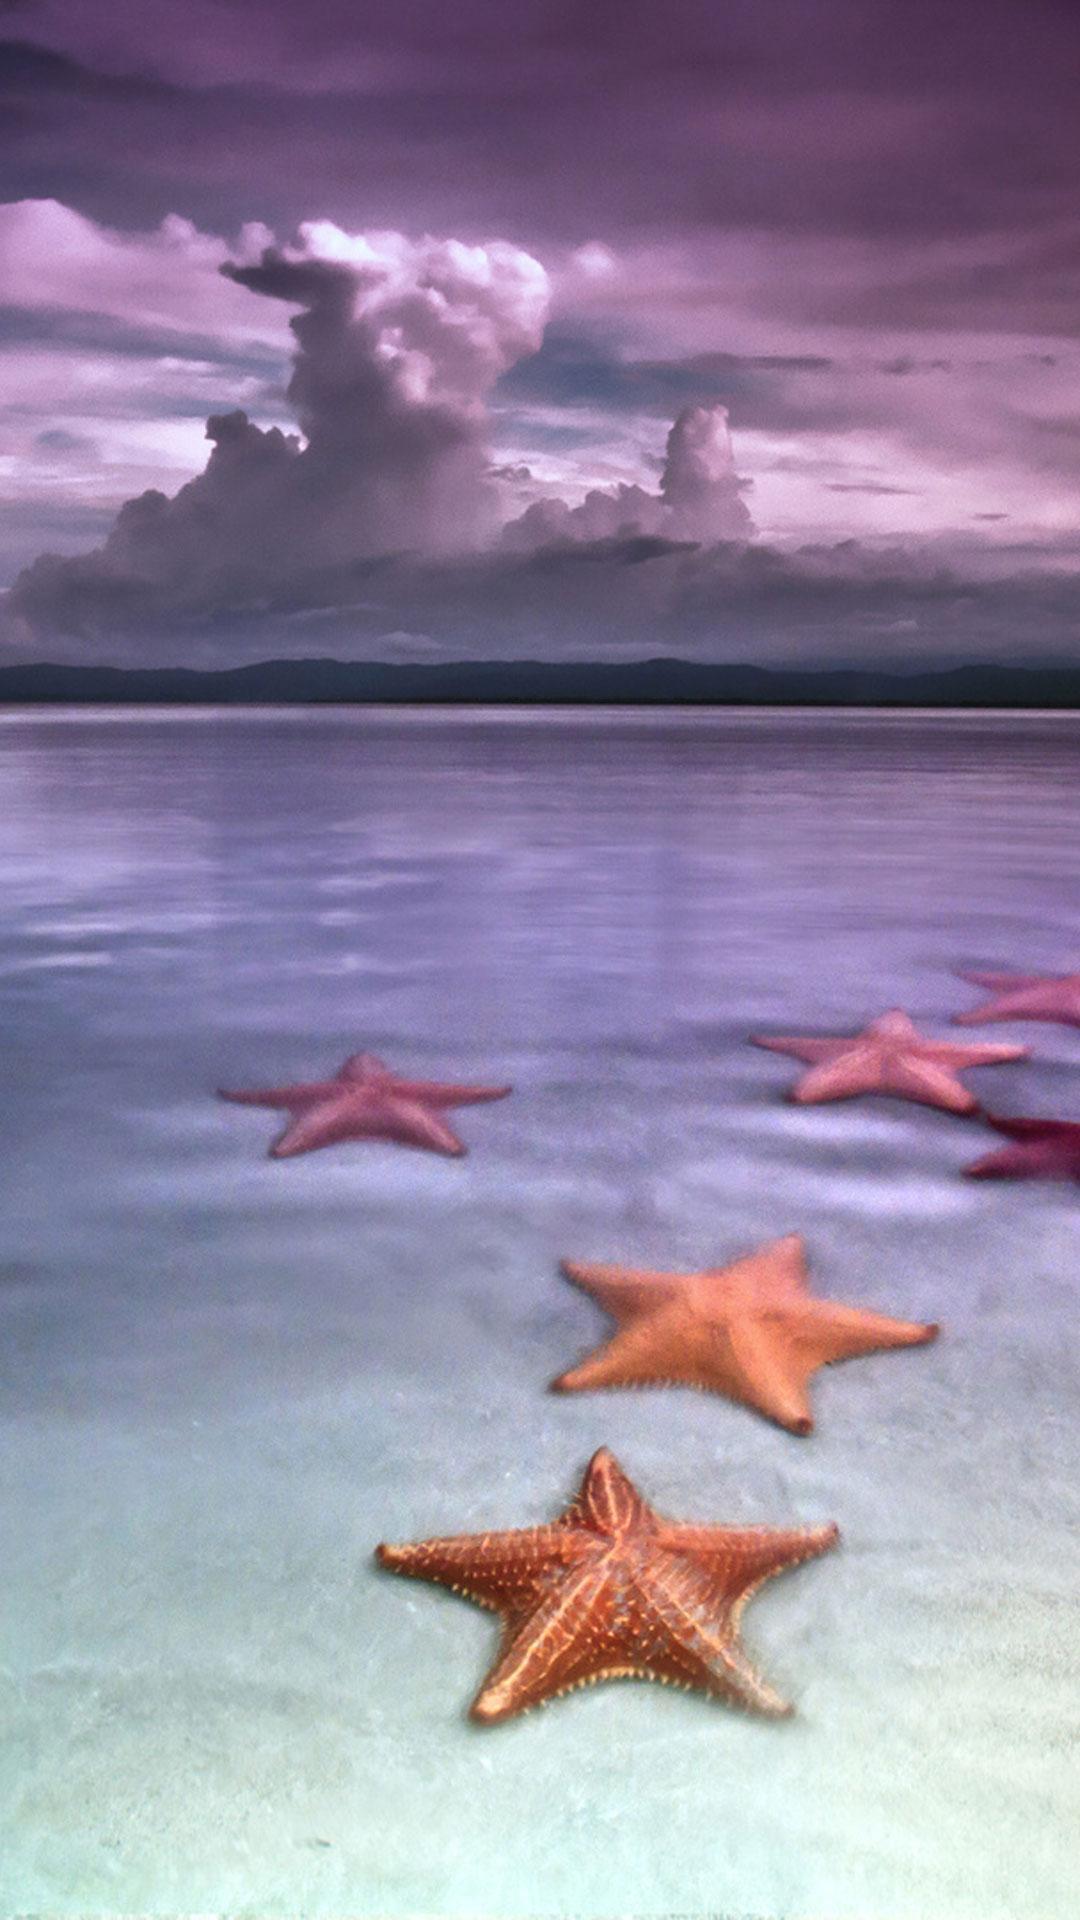 97 Koleksi Gambar Hewan Animasi Bintang Laut Gratis Terbaru